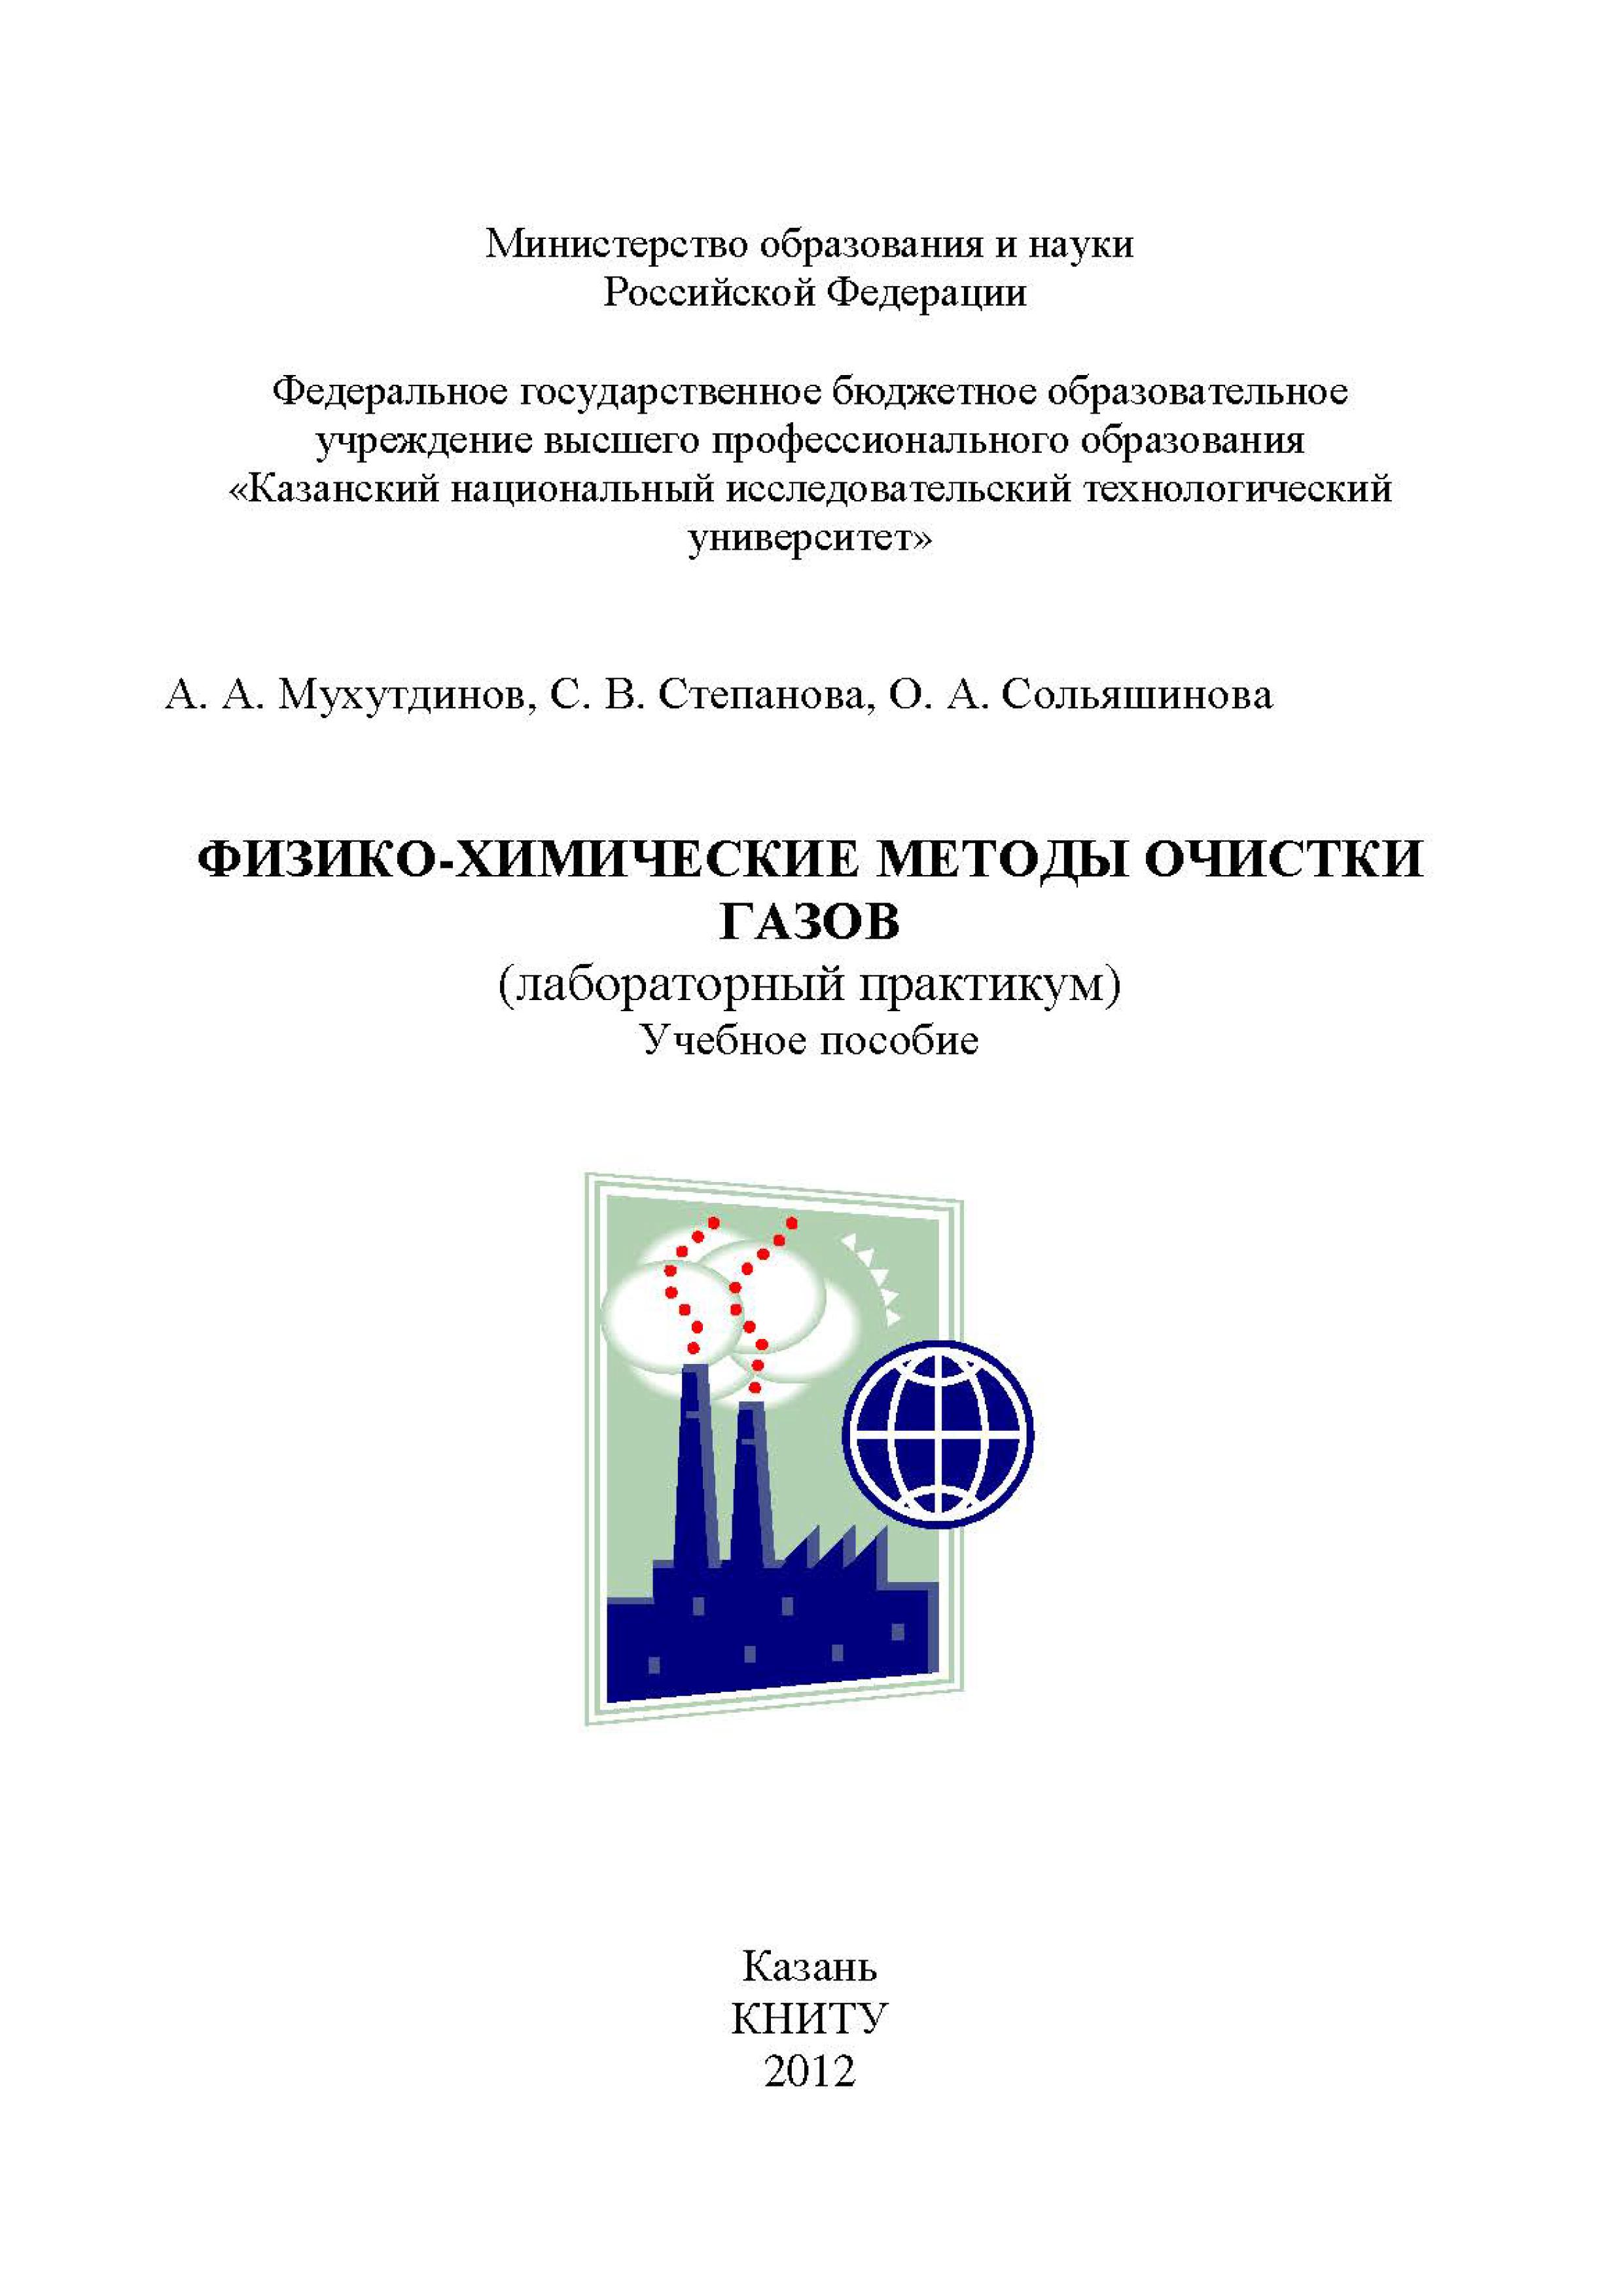 А. Мухутдинов Физико-химические методы очистки газов